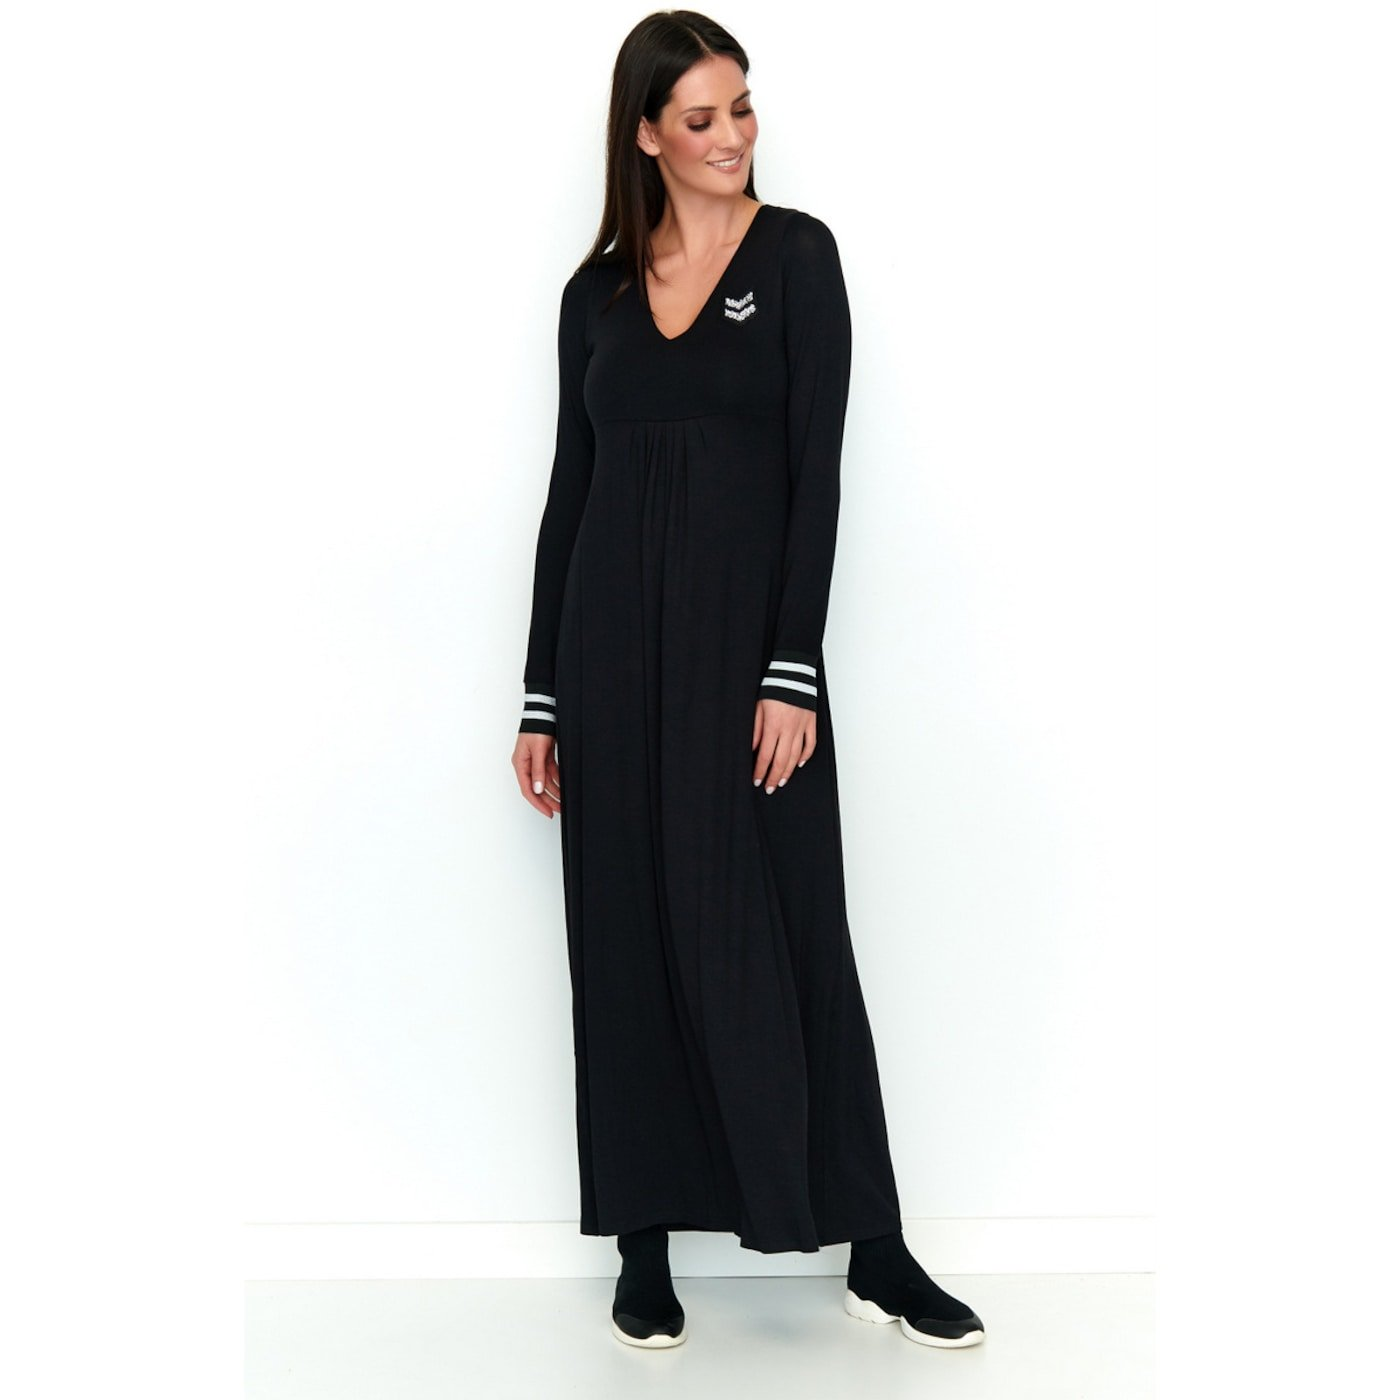 Numinou Woman's Dress Nu198